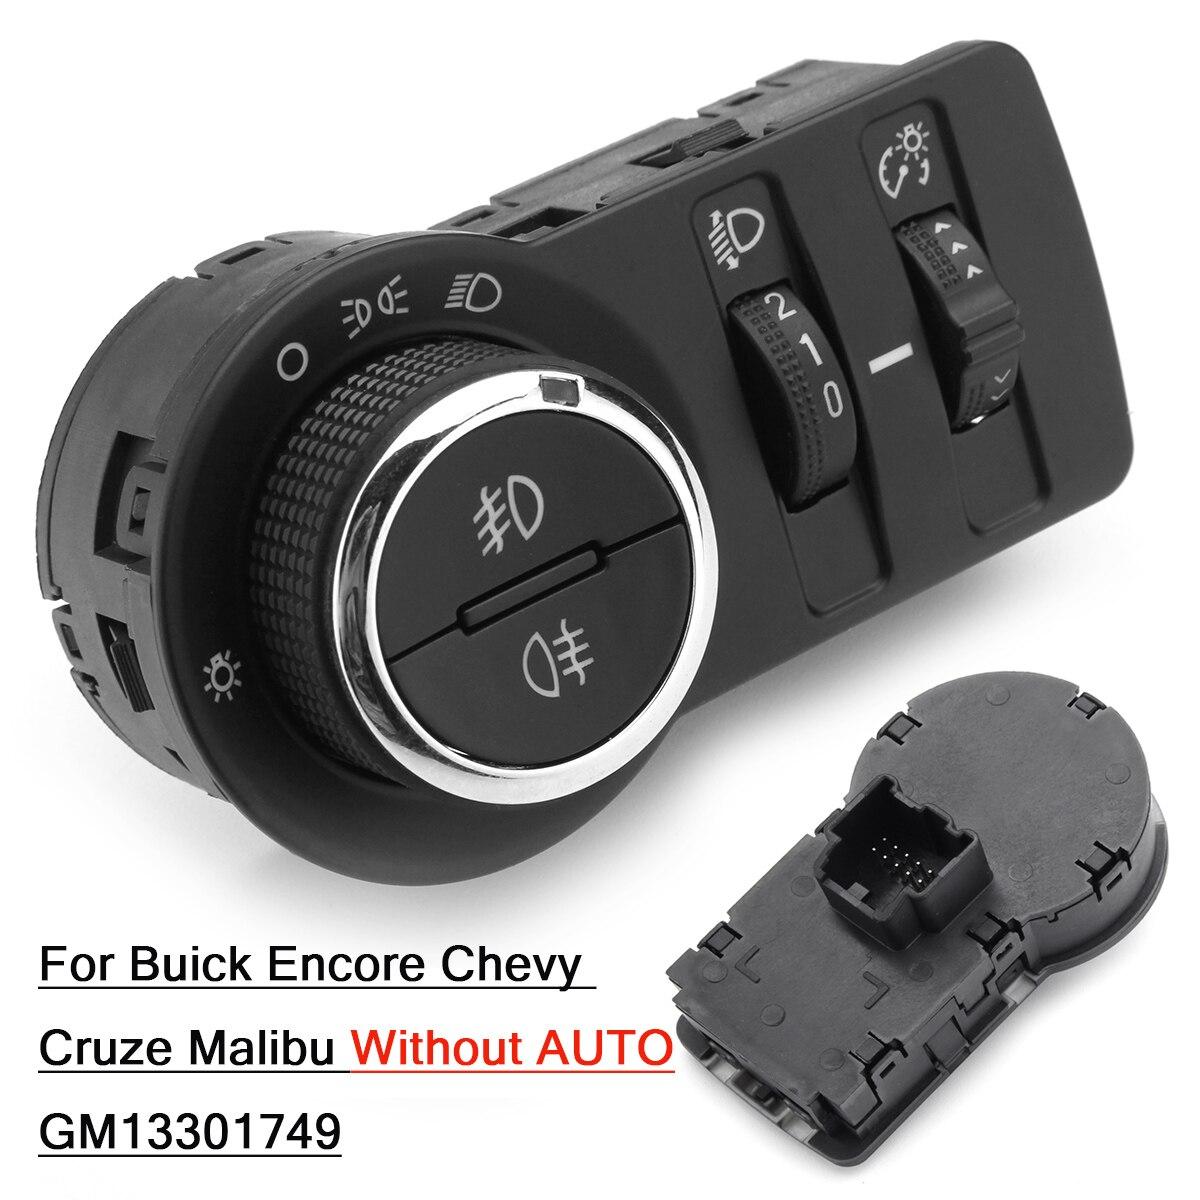 GM13301749 Auto Nebel Lampe Scheinwerfer Schalter Taste Ohne AUTO für Chevrolet Cruze J300 1,4 1,6 1,7 Chevy